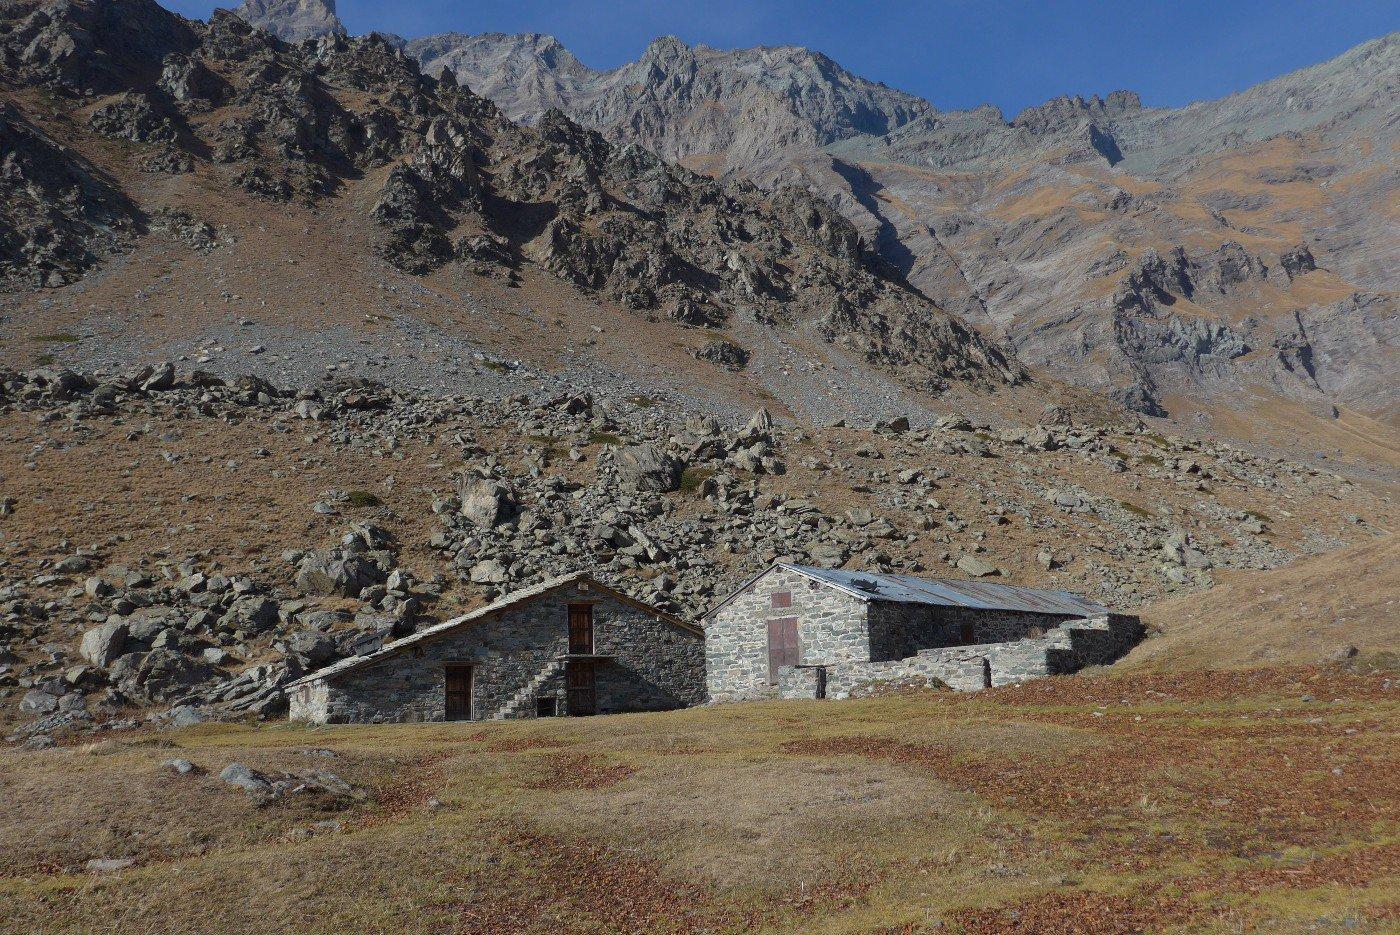 L'Alpe Ciamarella, una delle poche ancora in ottime condizioni